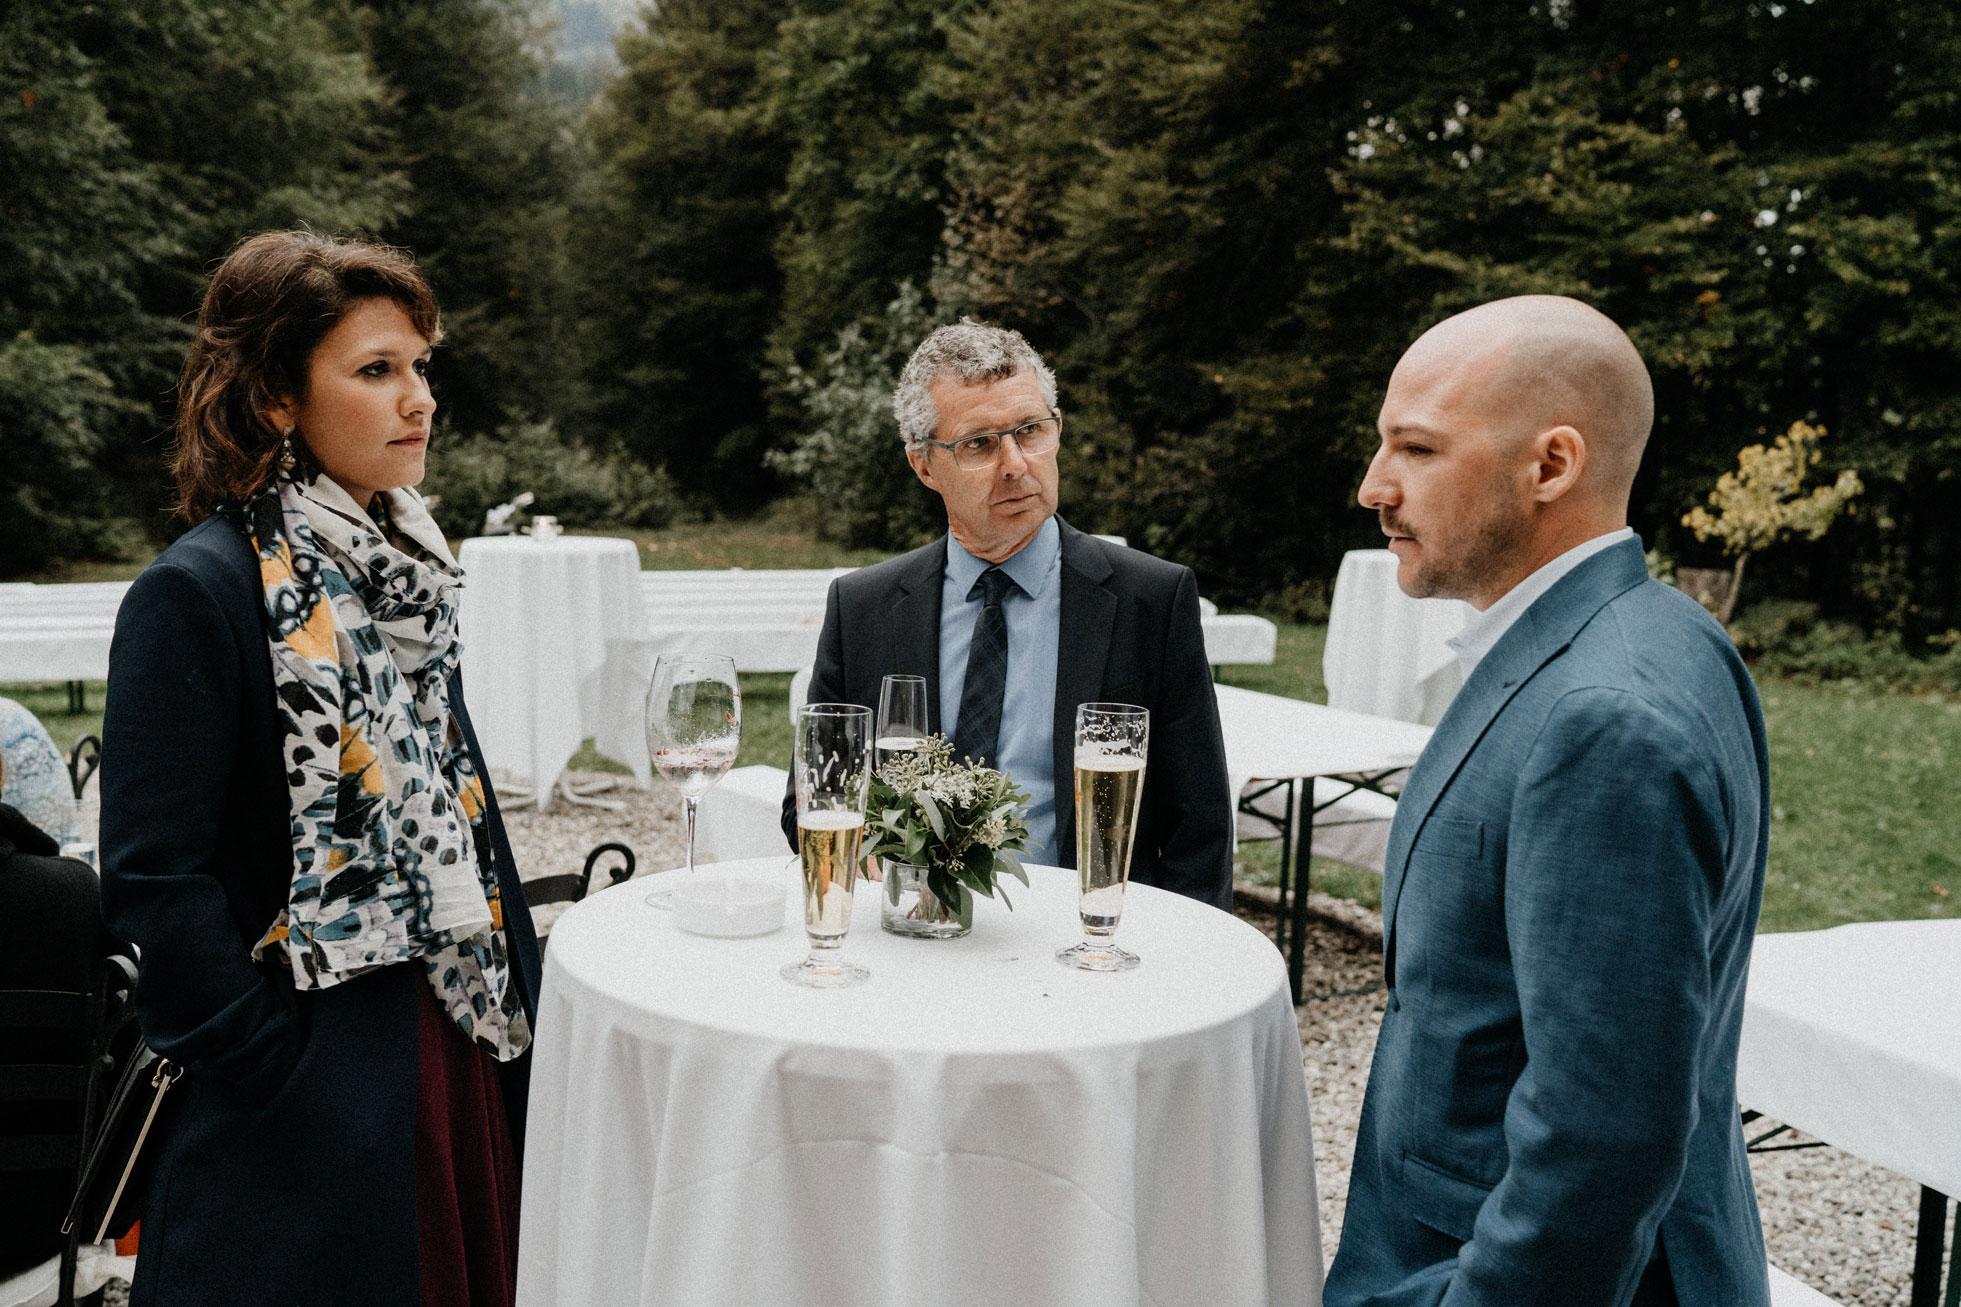 Hochzeit_Claire_Manuel_Villa_Maund_Daniel_Jenny-411.jpg